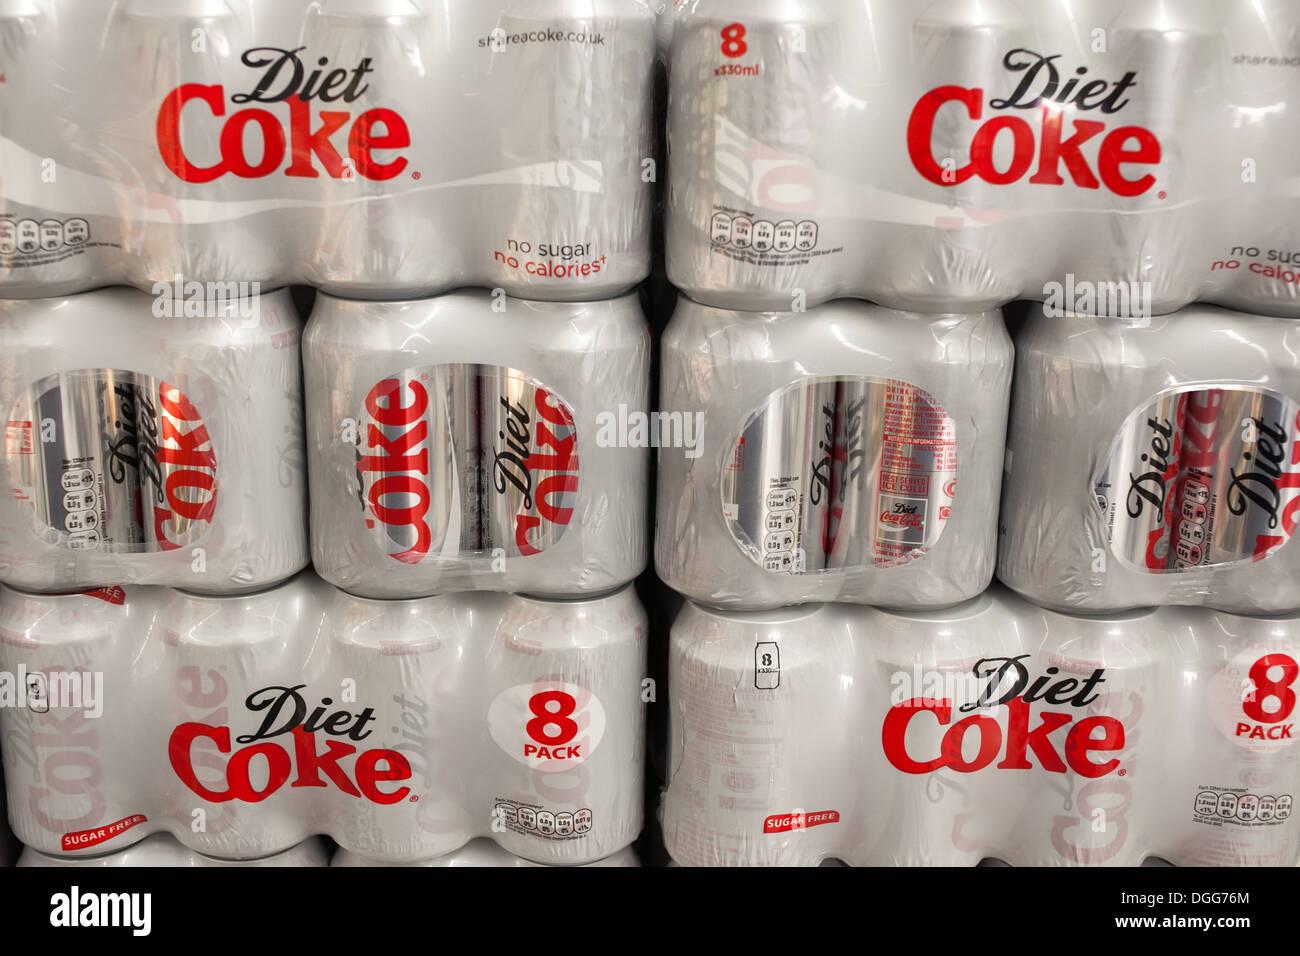 Conditionnement multiple canettes de Coke diète Photo Stock